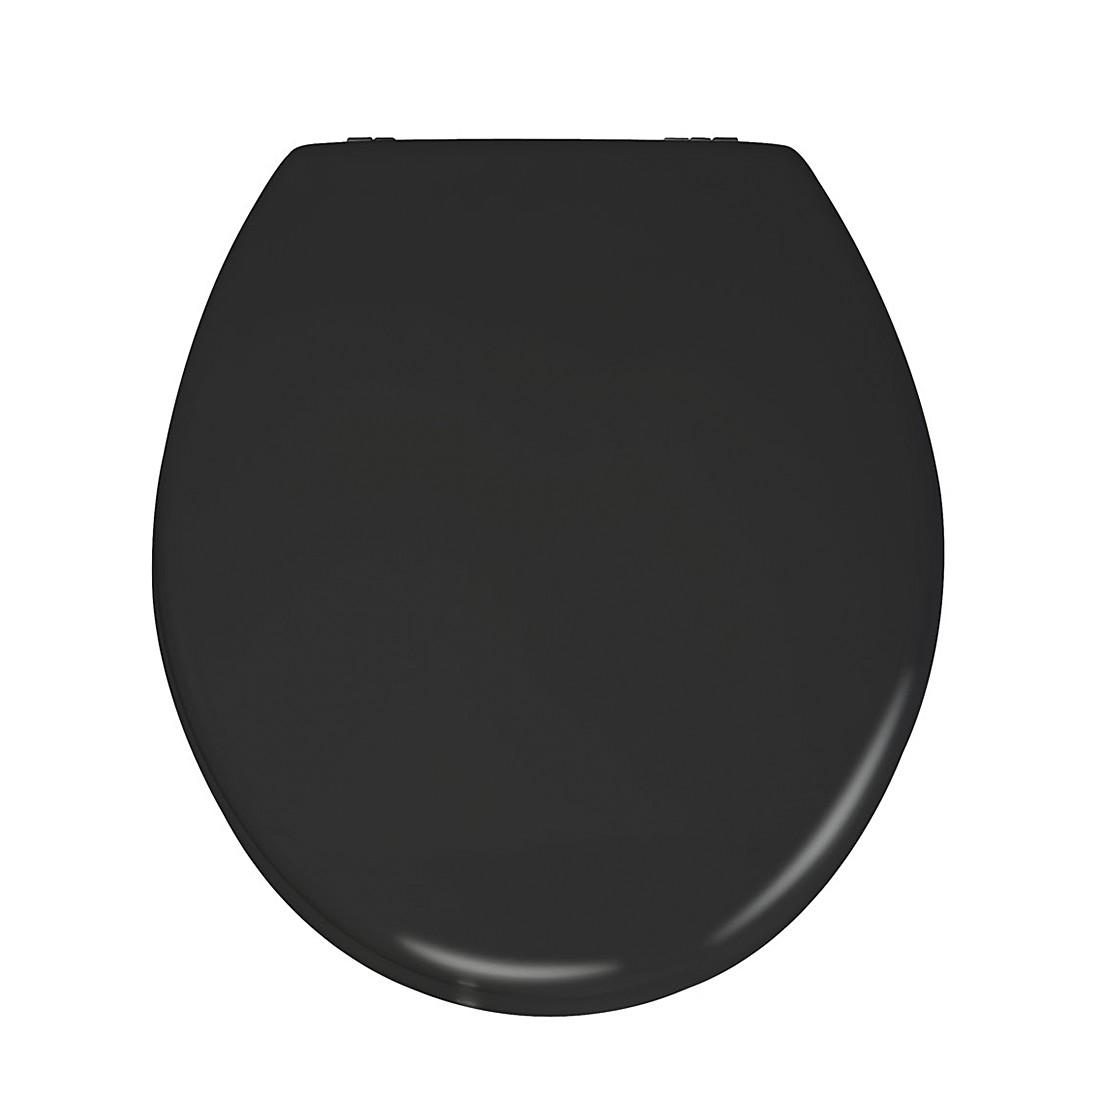 wc sitz prima matt schwarz wenko g nstig. Black Bedroom Furniture Sets. Home Design Ideas